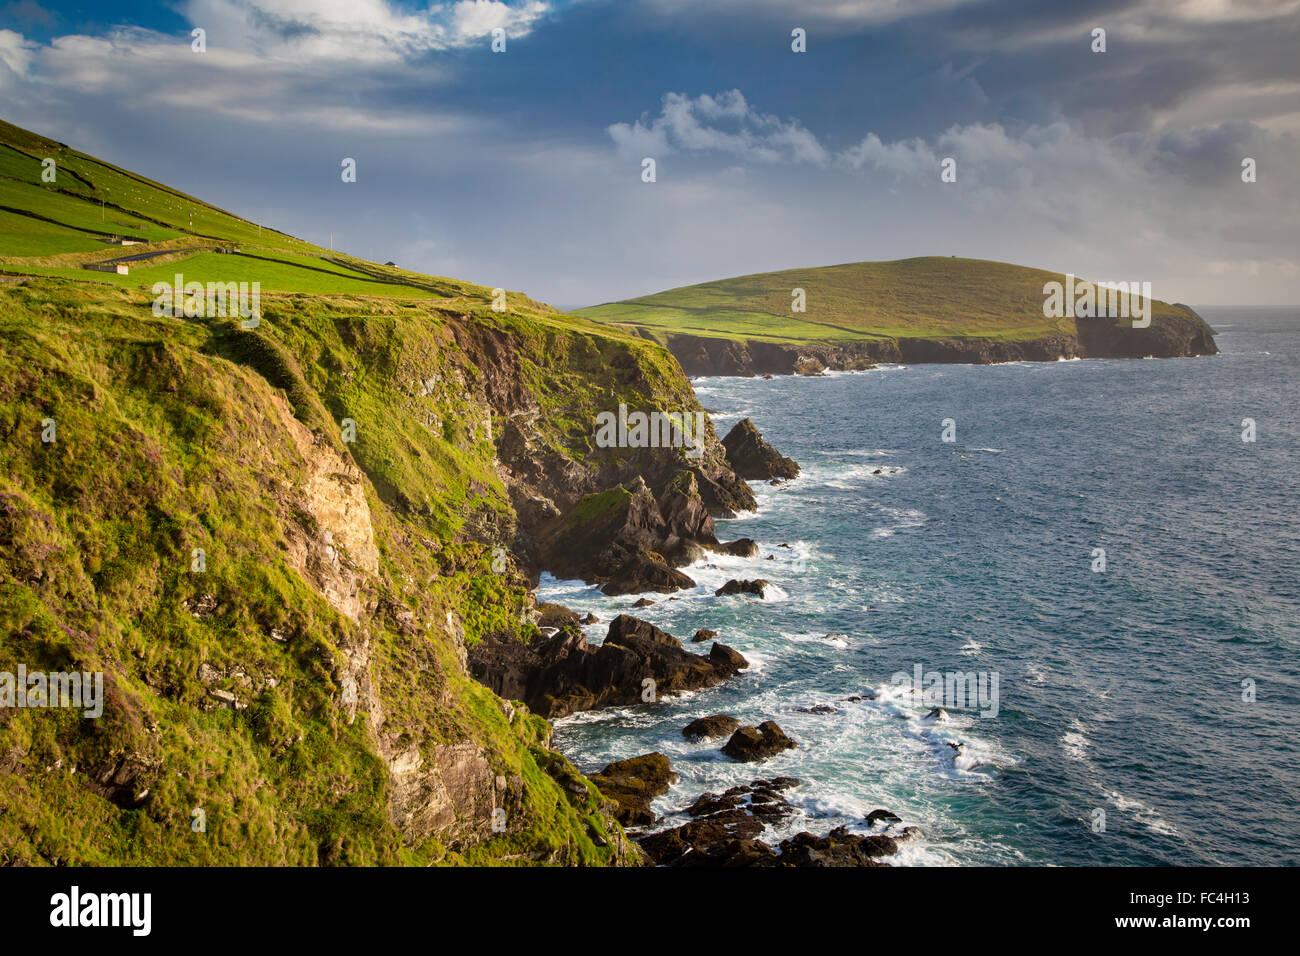 View toward Slea Head, Dingle Peninsula, County Kerry, Ireland. - Stock Image